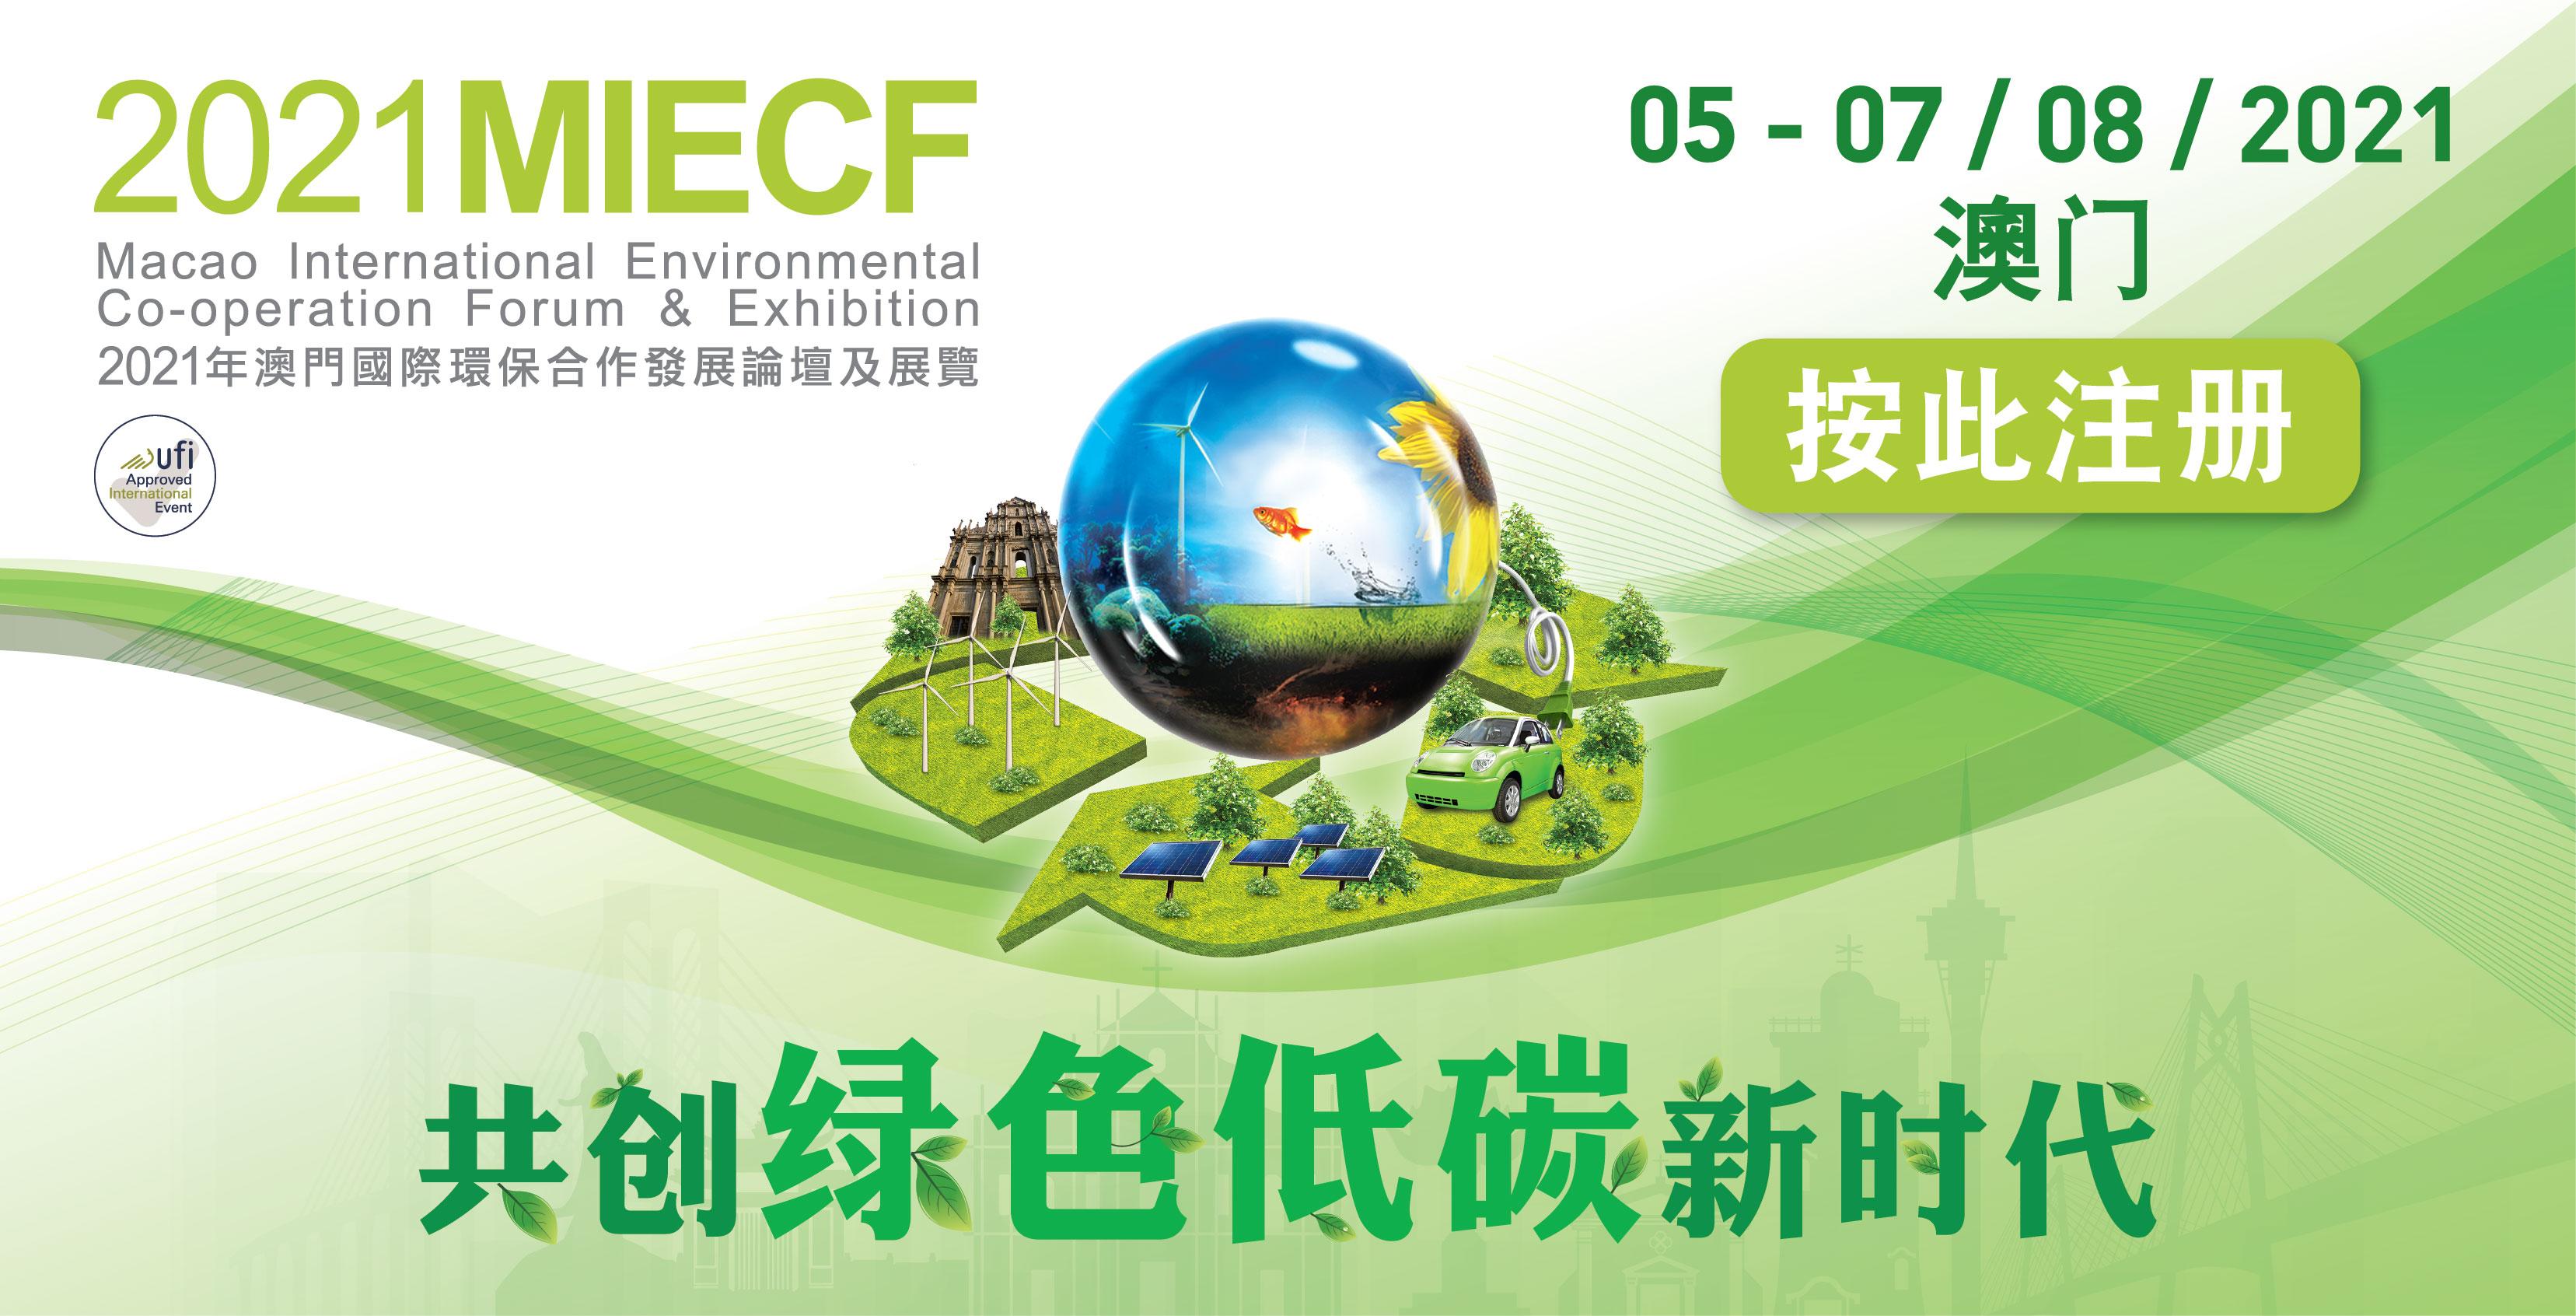 2021年澳門國際環保合作發展論壇及展覽